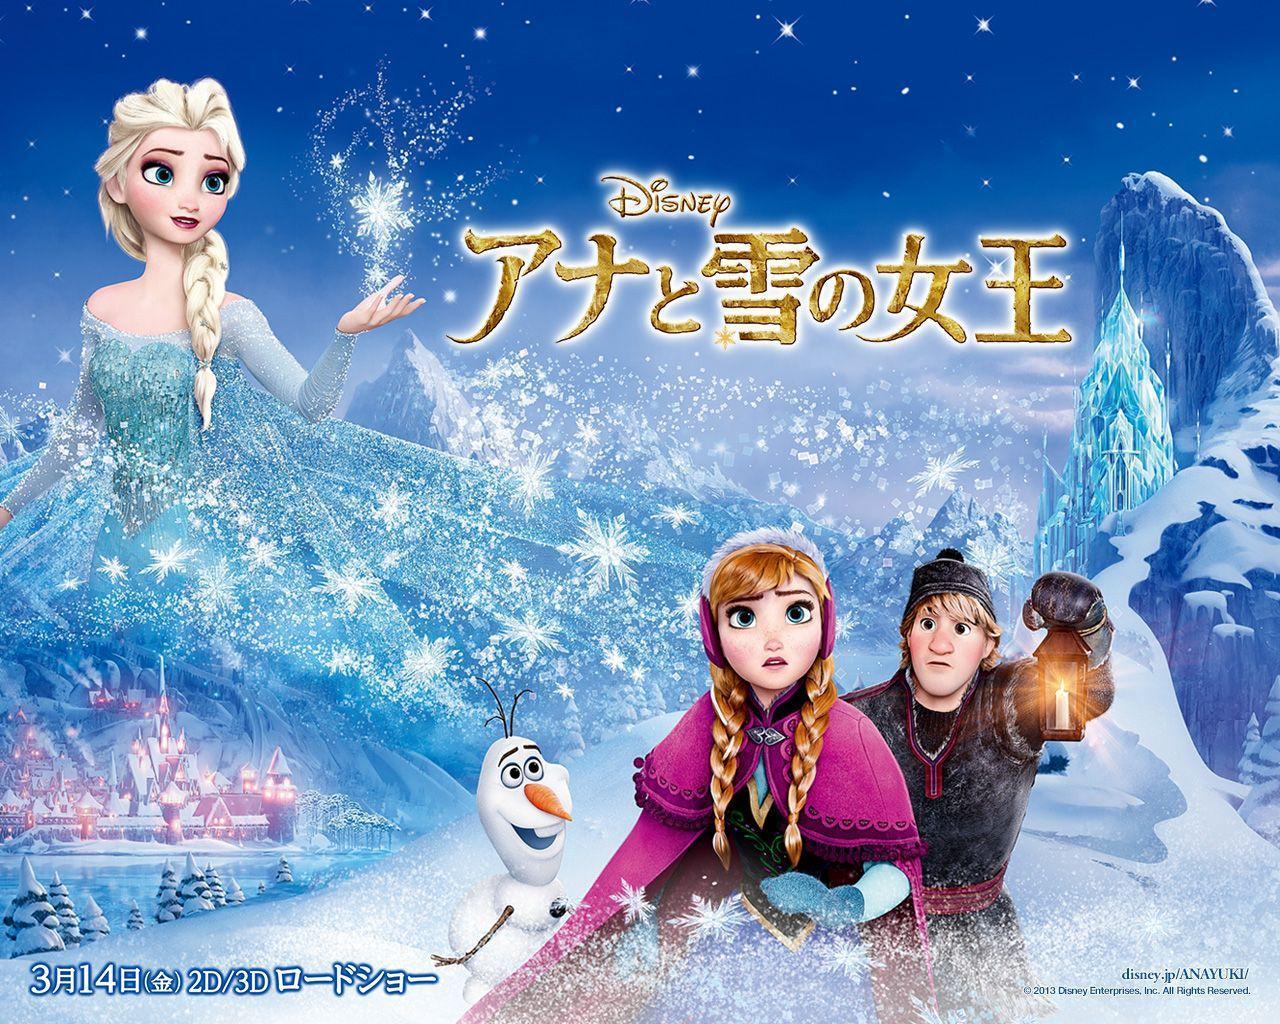 Elsa Frozen Wallpapers Group 64